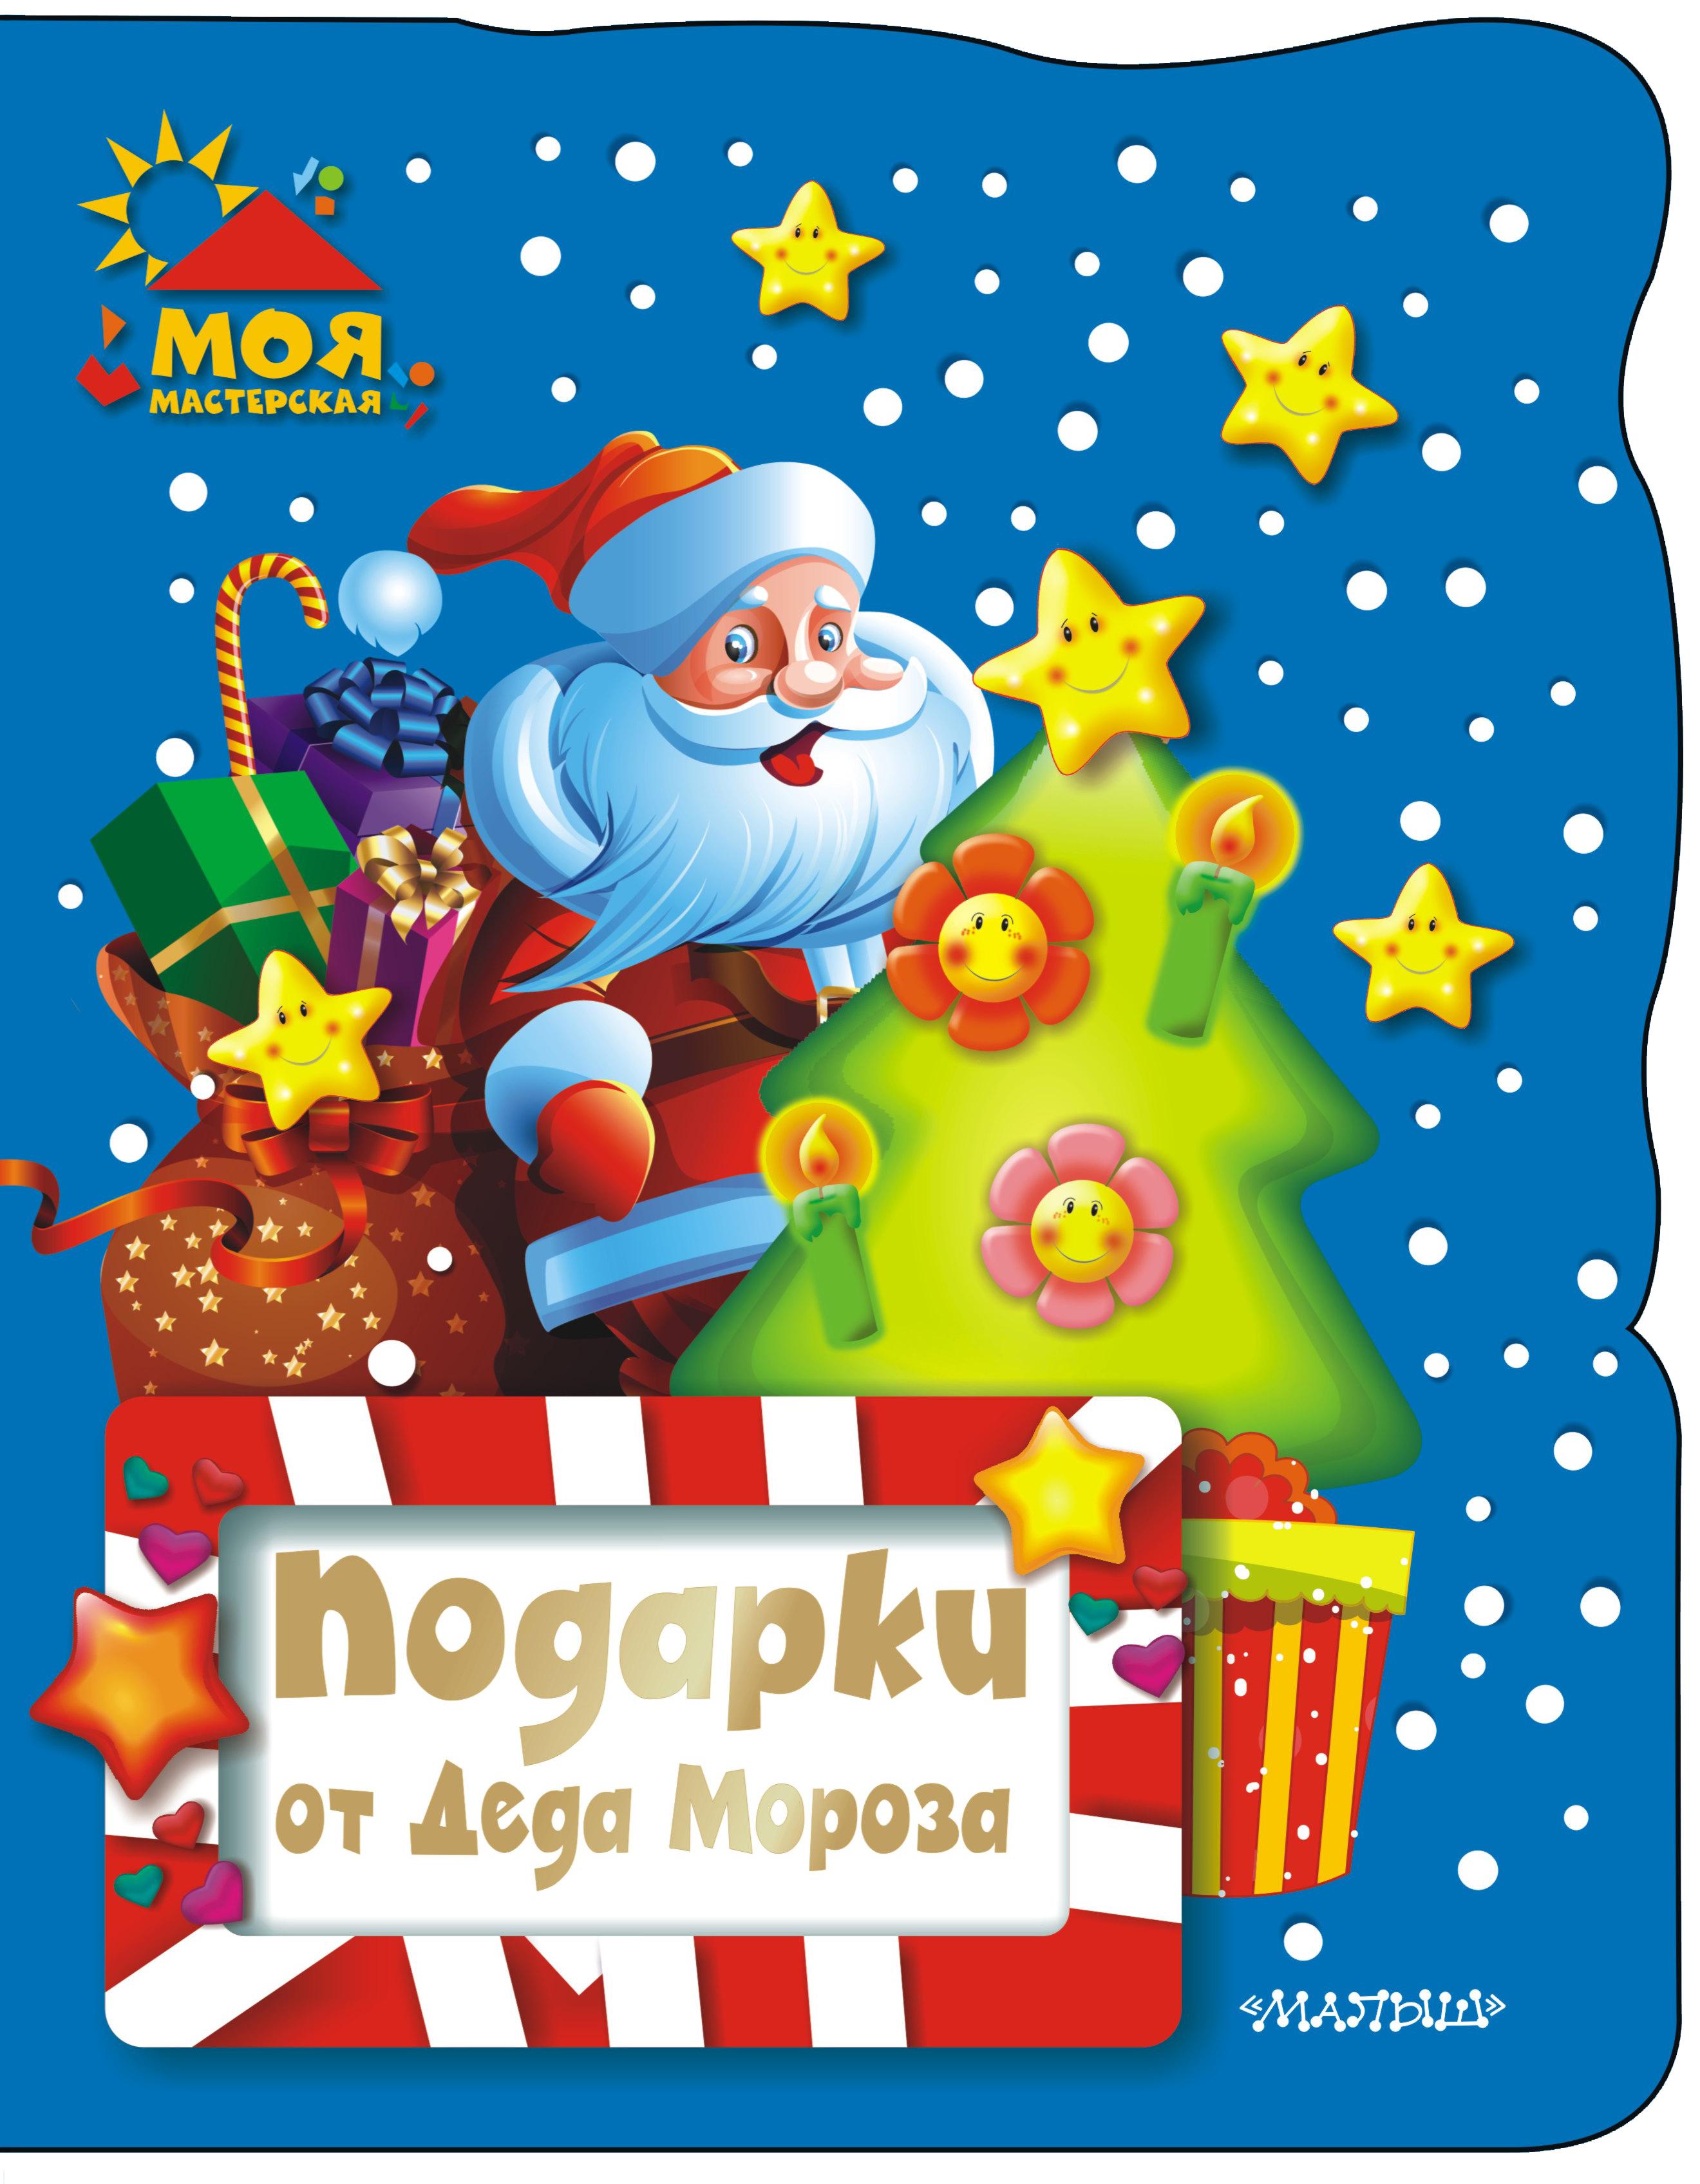 Подарки от Деда Мороза от book24.ru